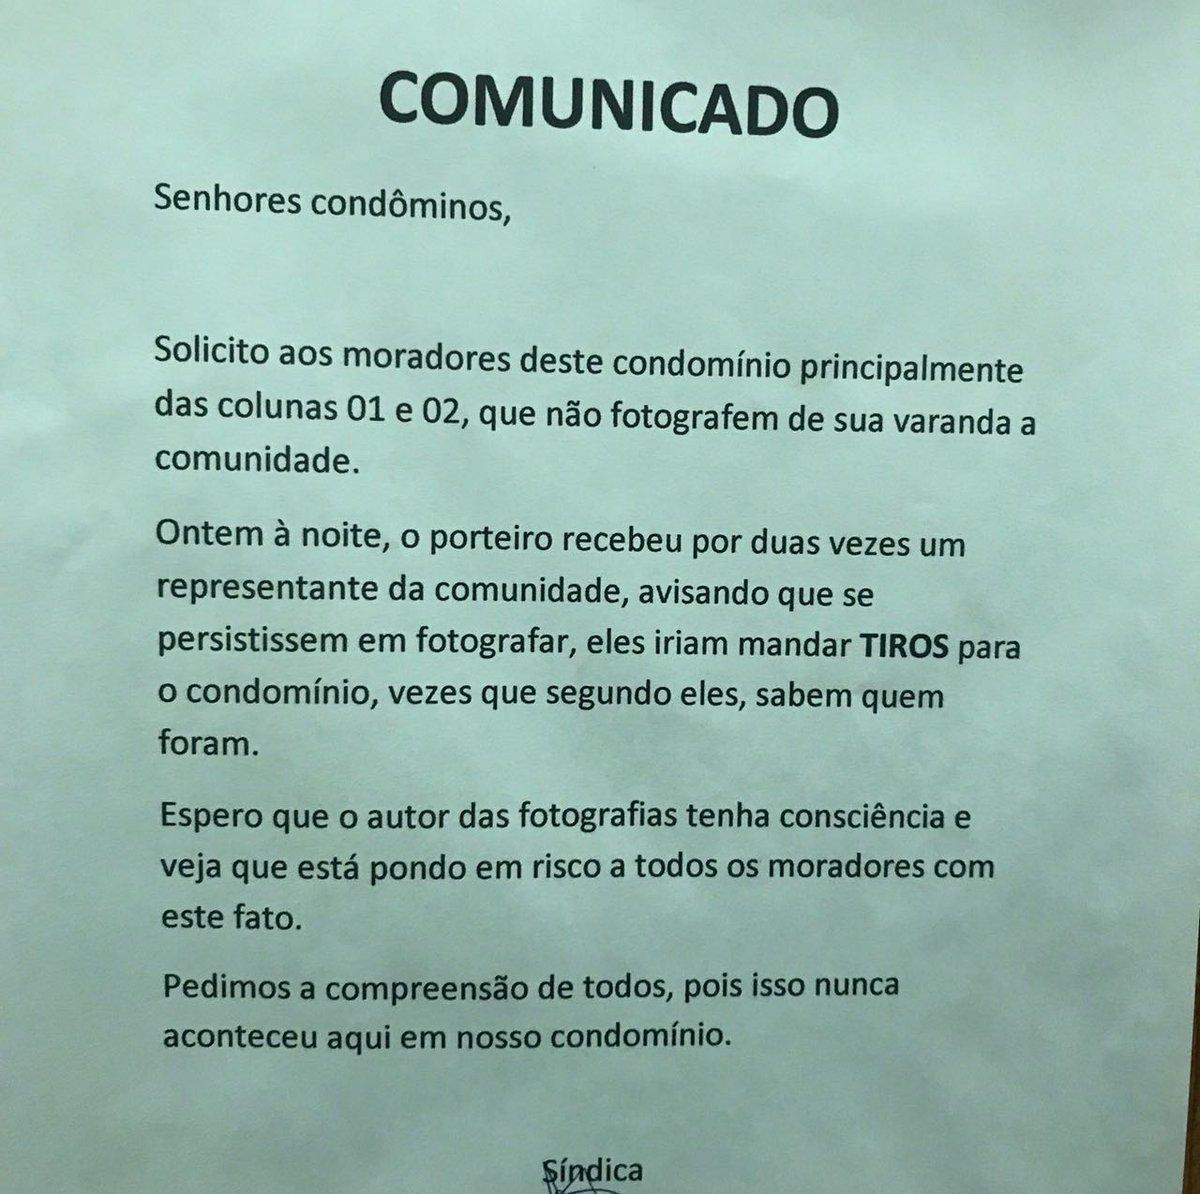 Morador do Complexo do Lins acordou com esse recado no elevador do seu prédio. #BandNewsFM #1ªEdição